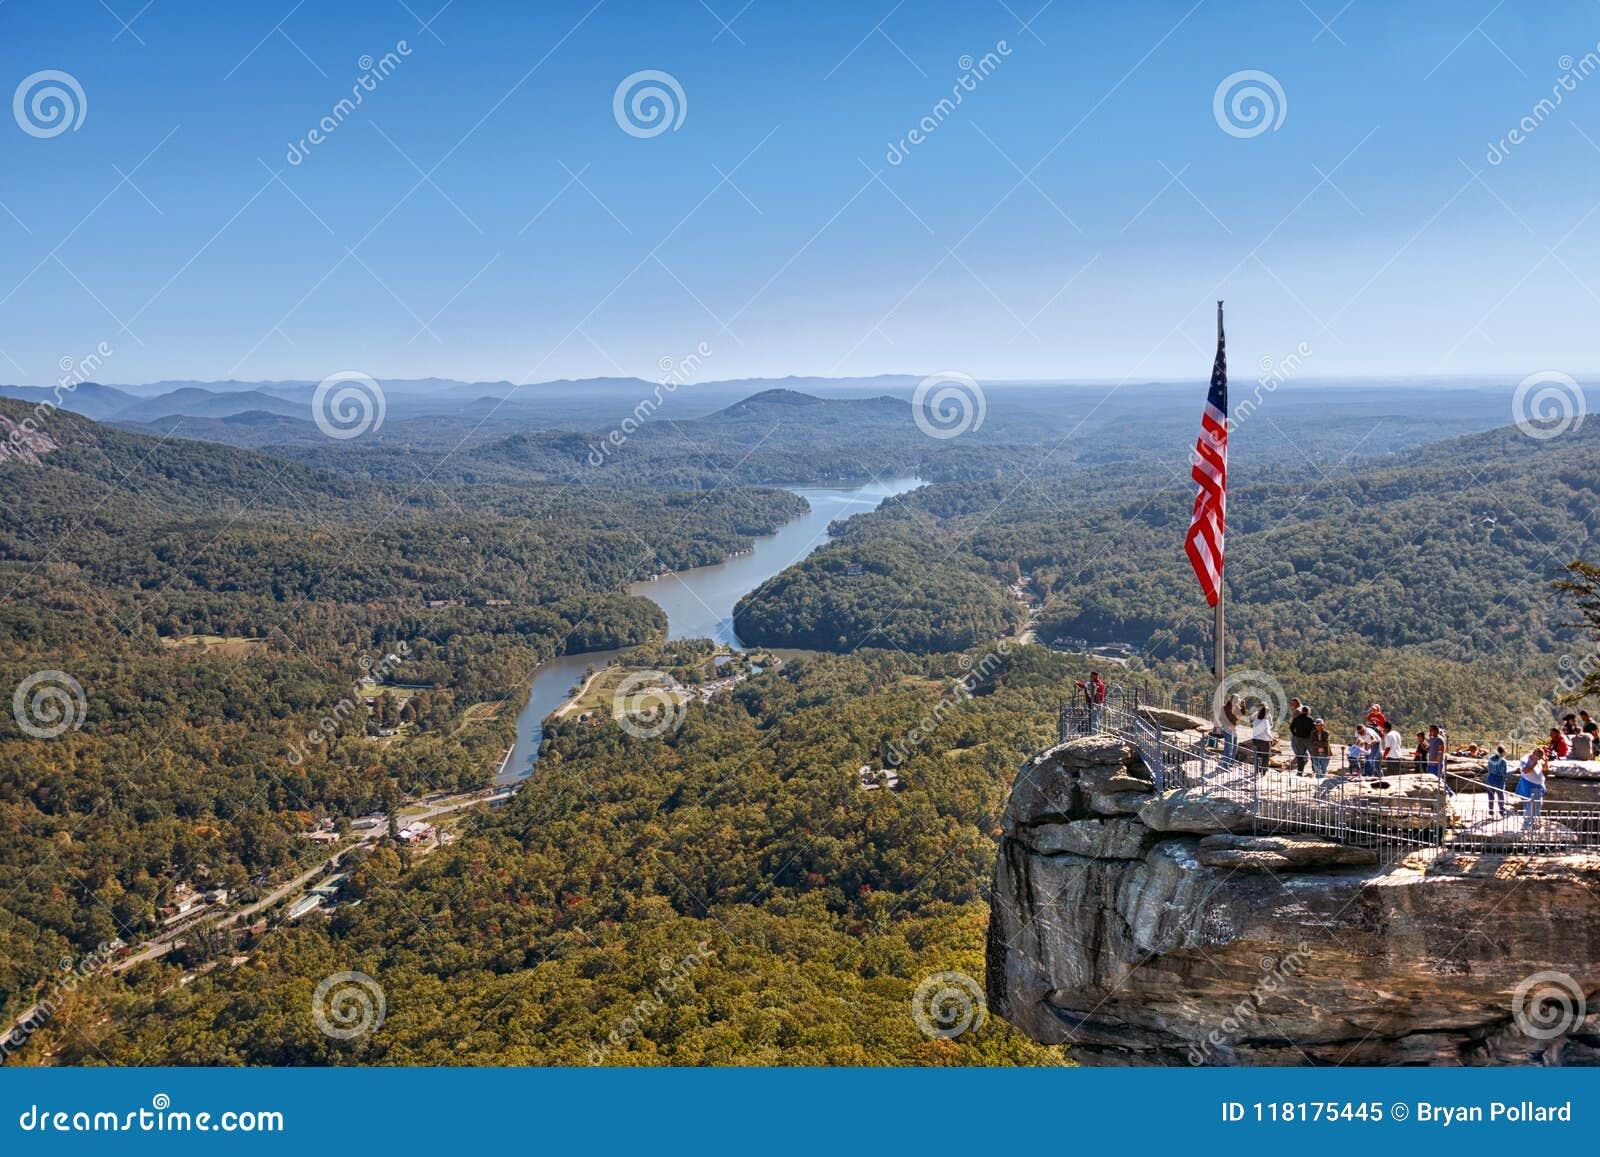 Parque estadual da rocha da chaminé